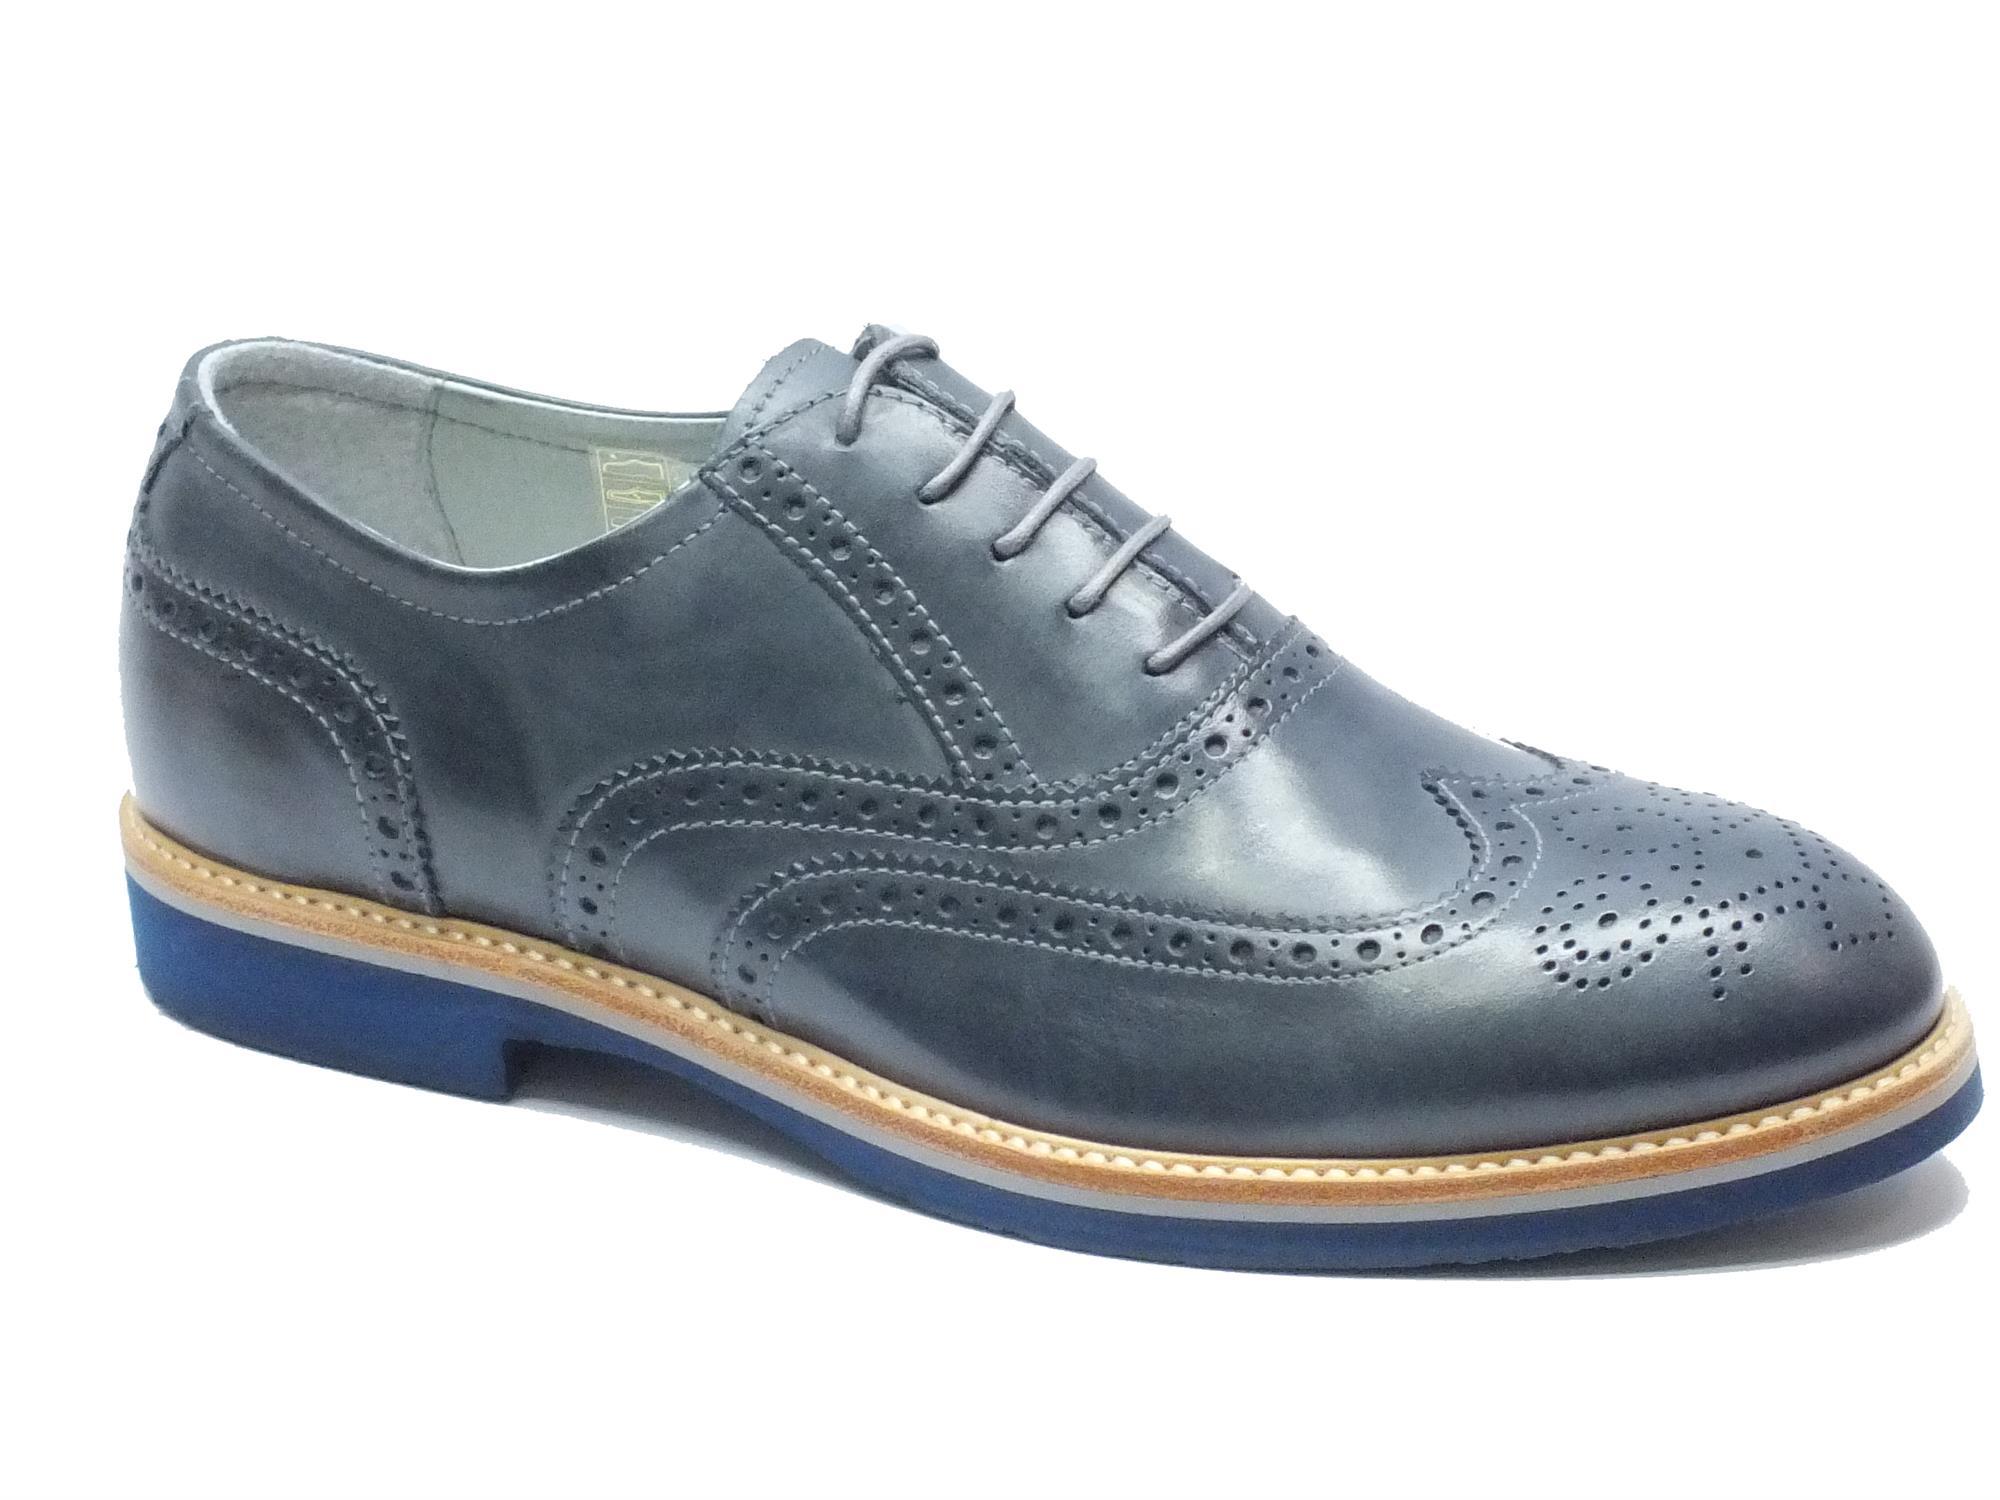 Scarpe nero giardini uomo modello classico pelle blu vitiello calzature - Scarpa uomo nero giardini ...